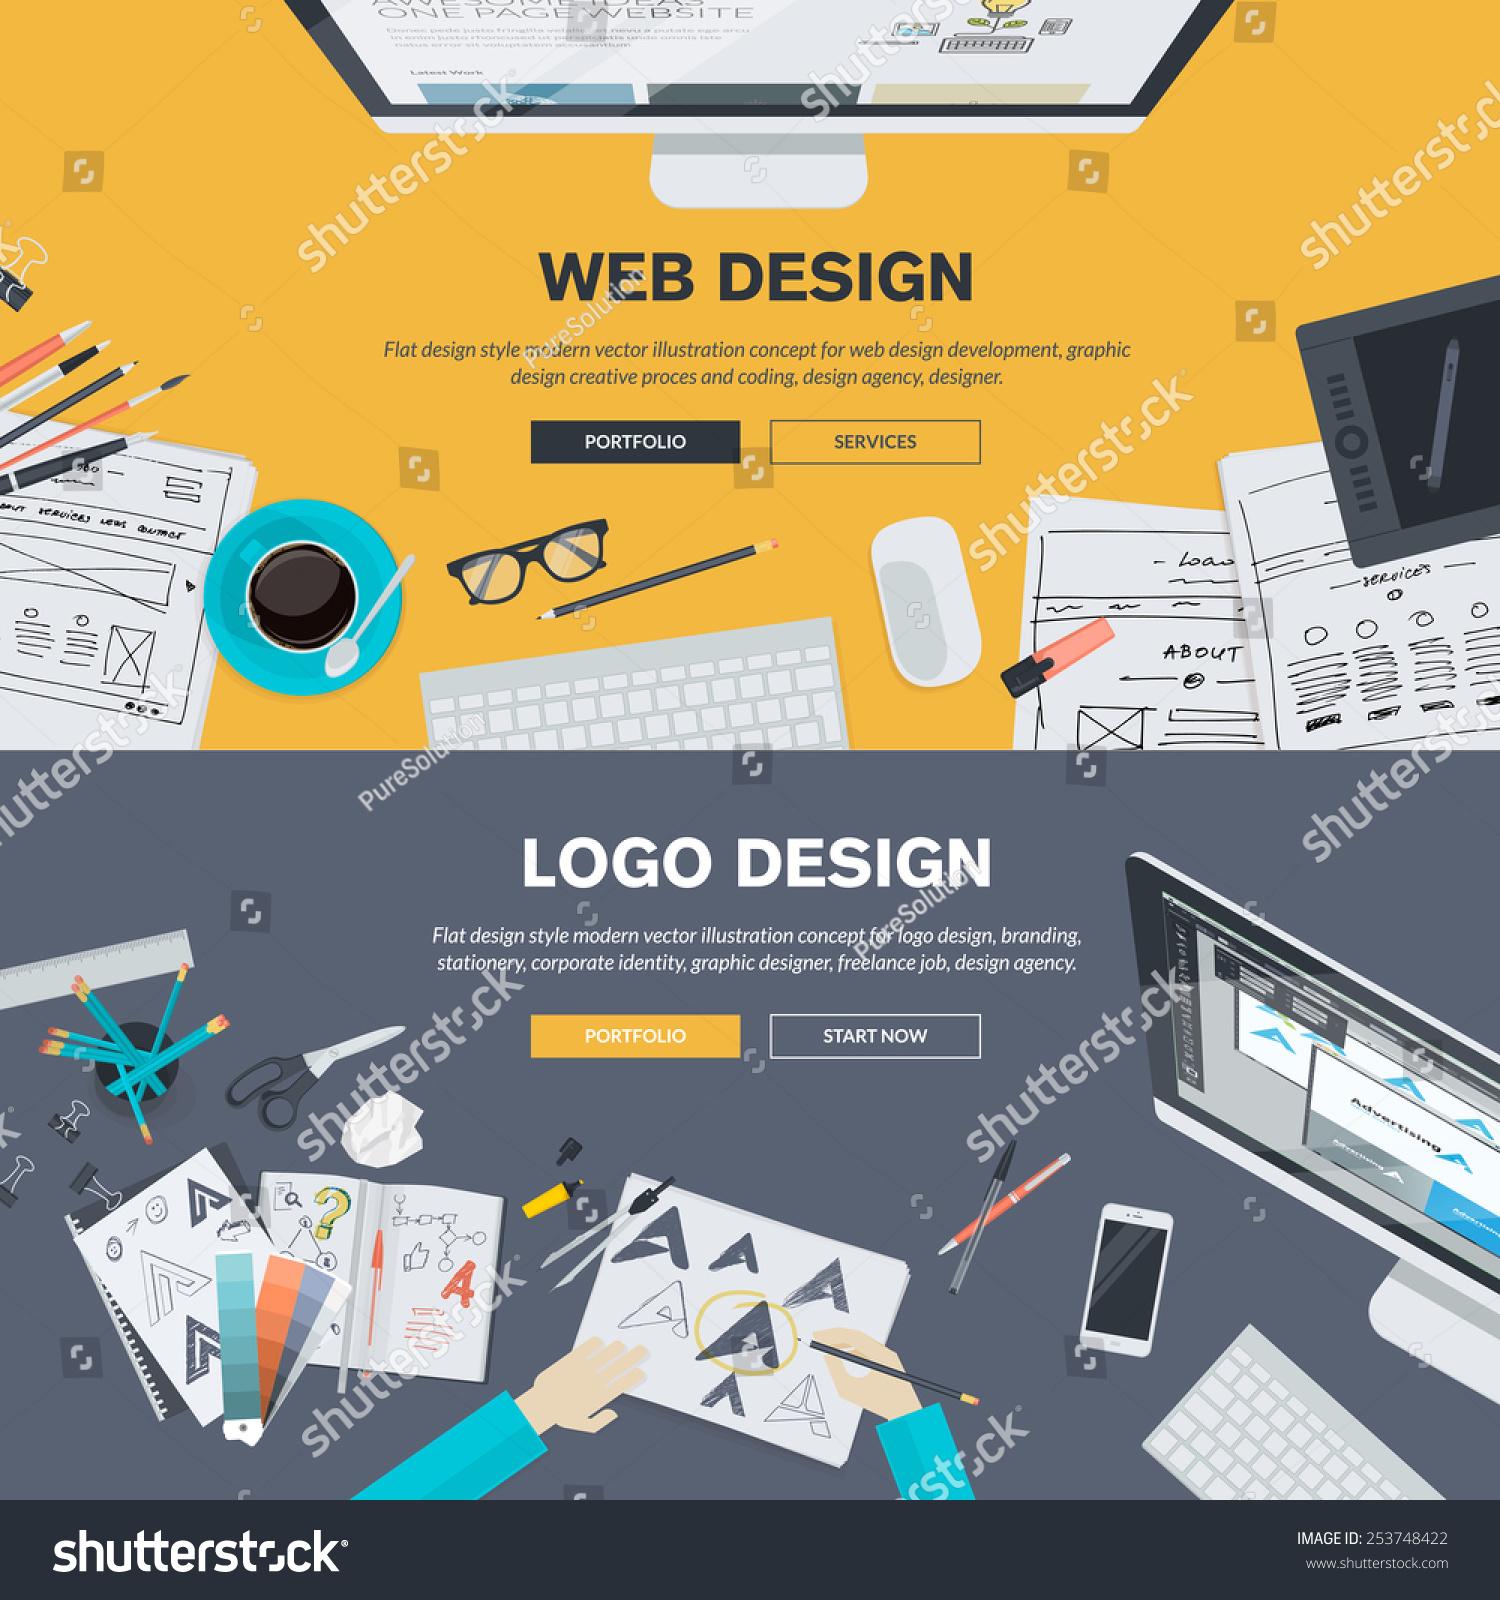 Vector graphic design business logo - Set Of Flat Design Illustration Concepts For Web Design Development Logo Design Graphic Design